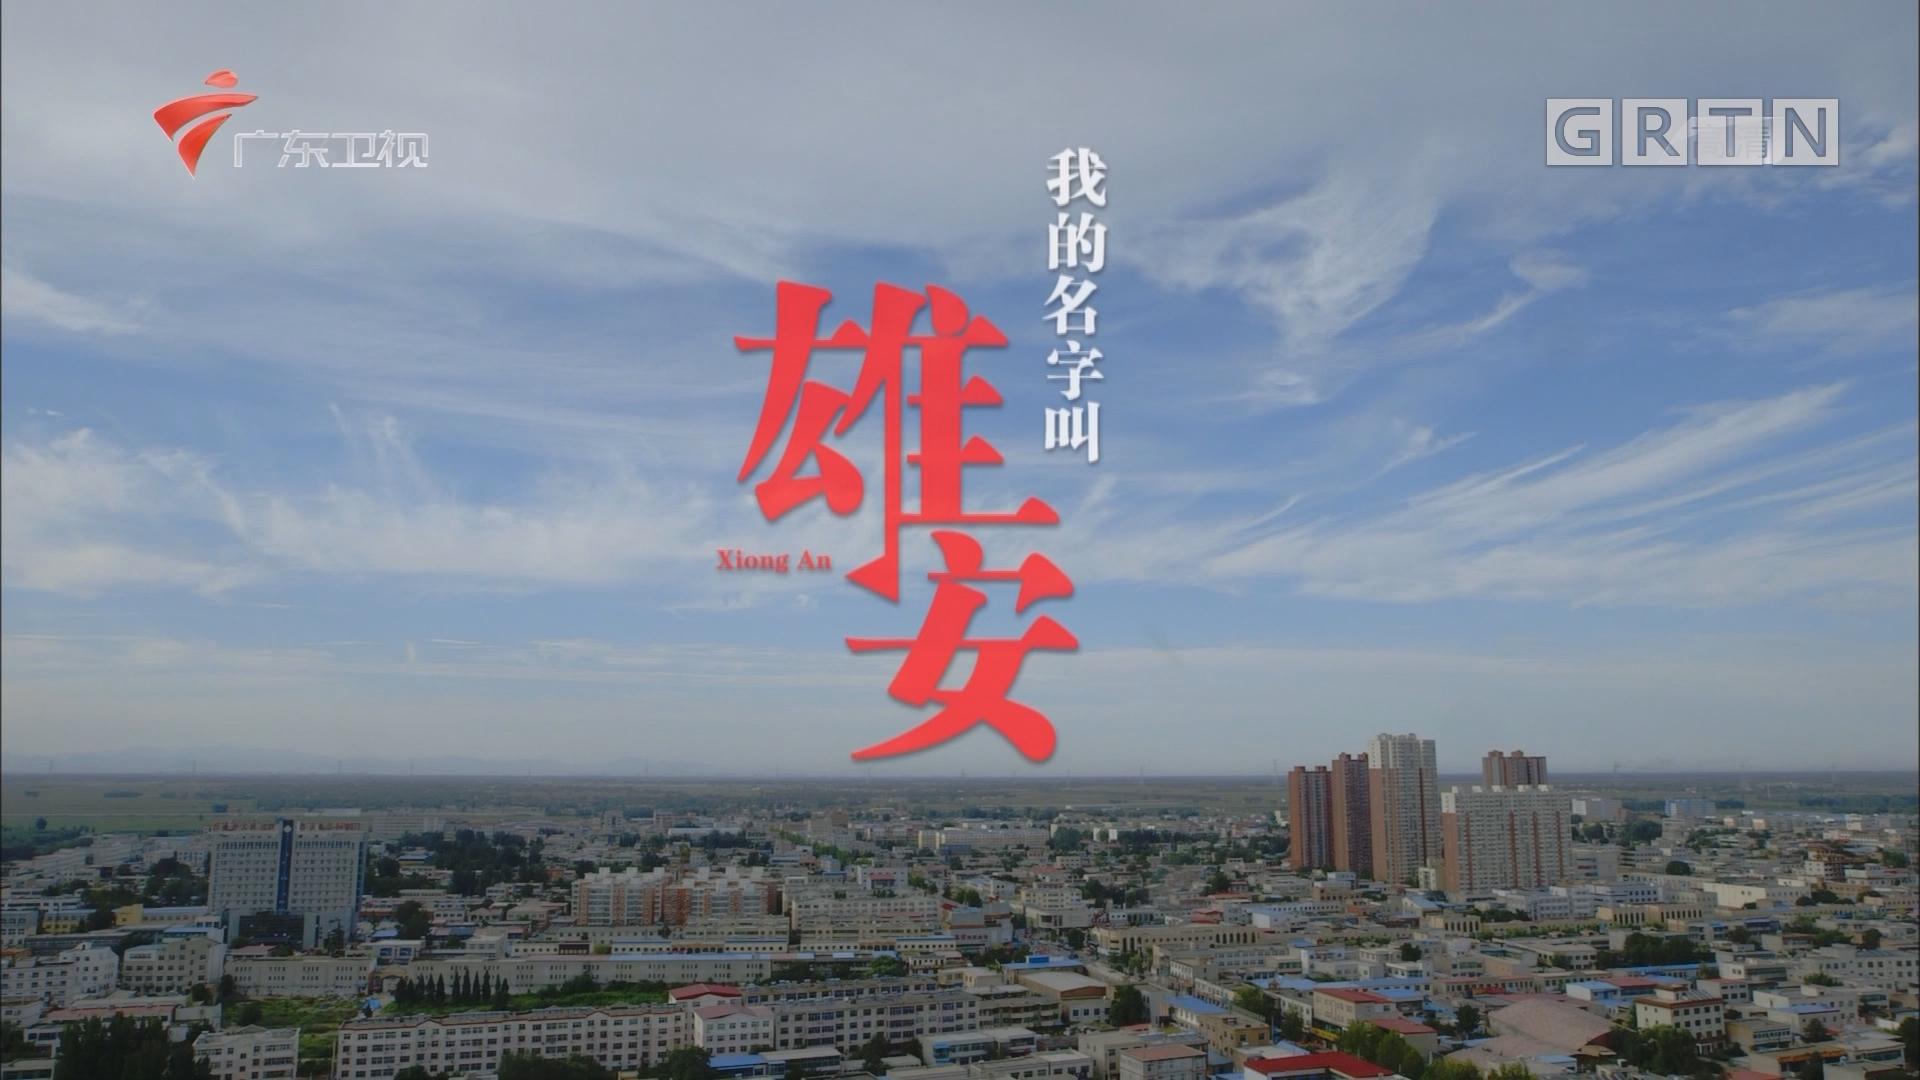 [HD][2018-04-09]中国梦·创新动力:我的名字叫雄安